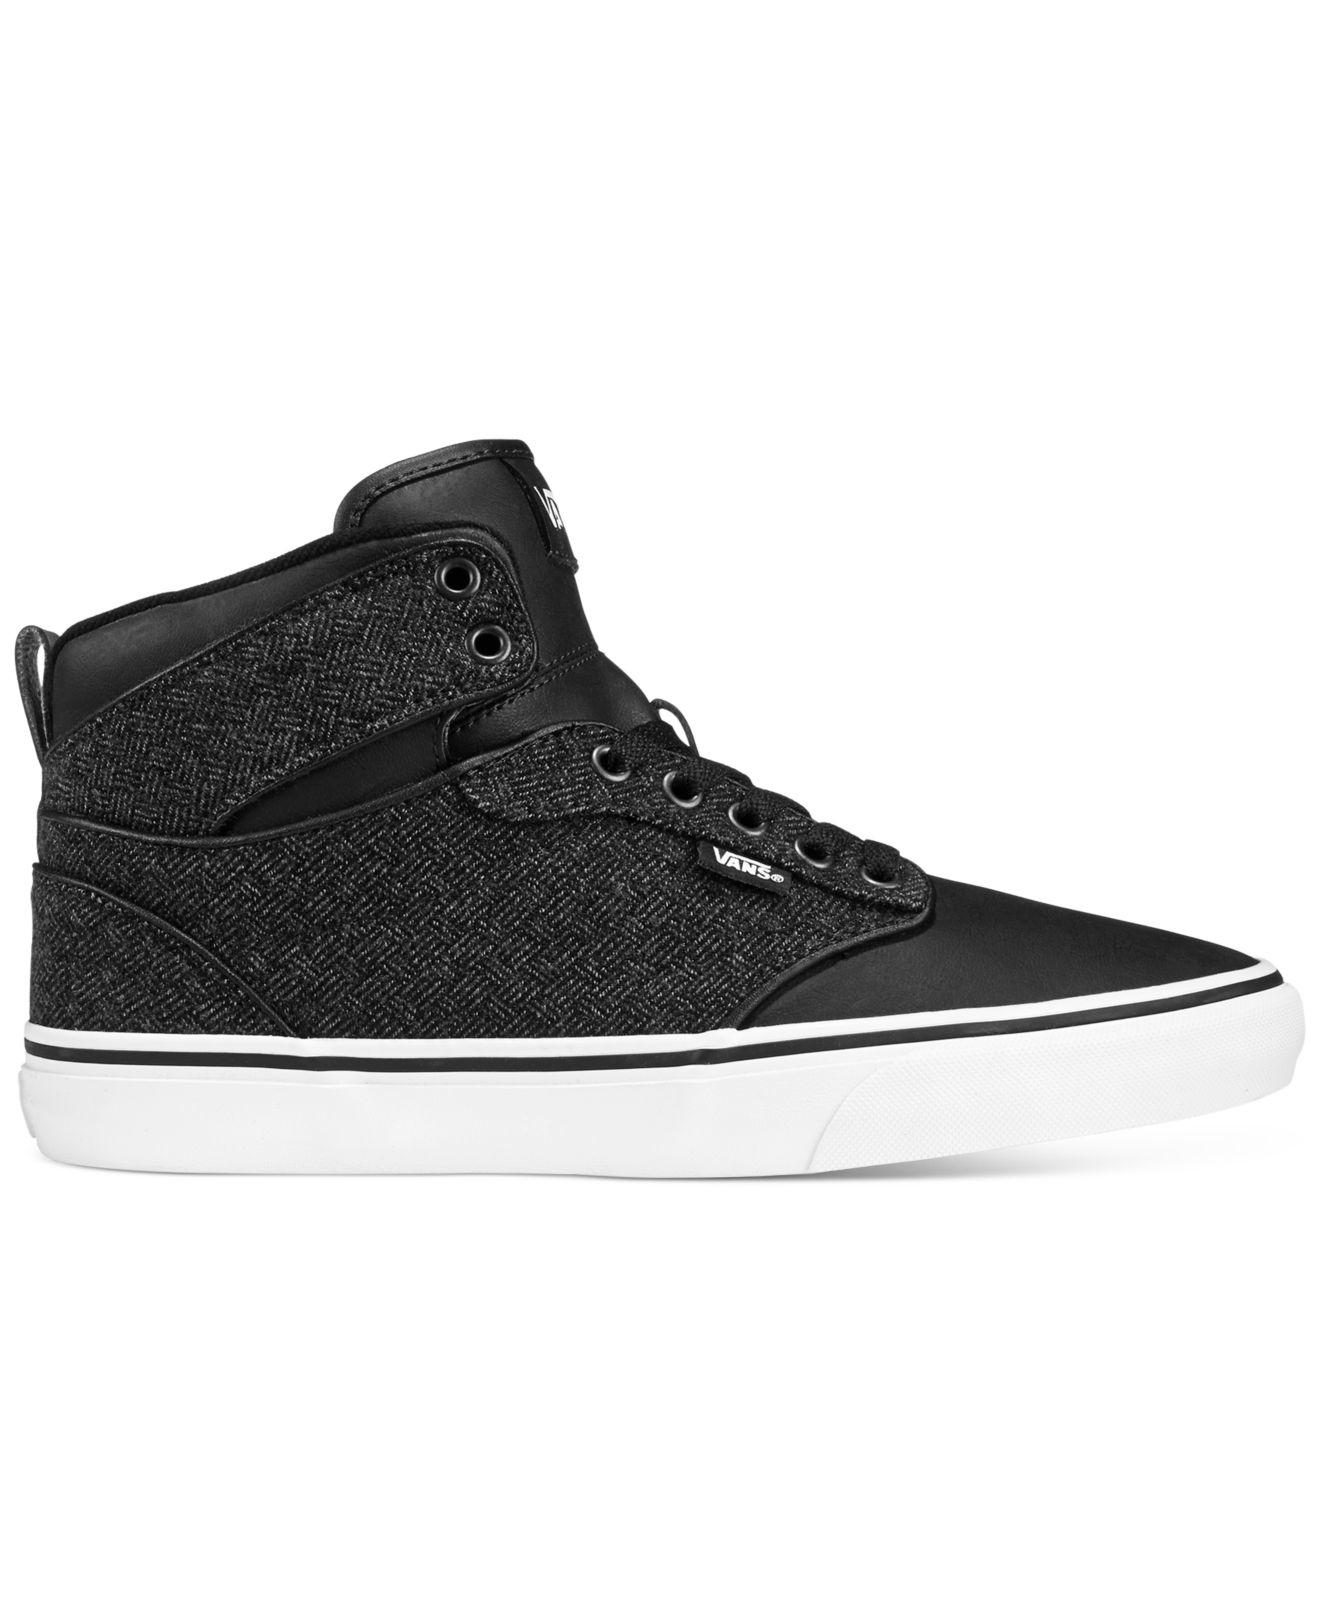 fa695c9595fab Lyst - Vans M Atwood Hi-top Sneakers in Black for Men